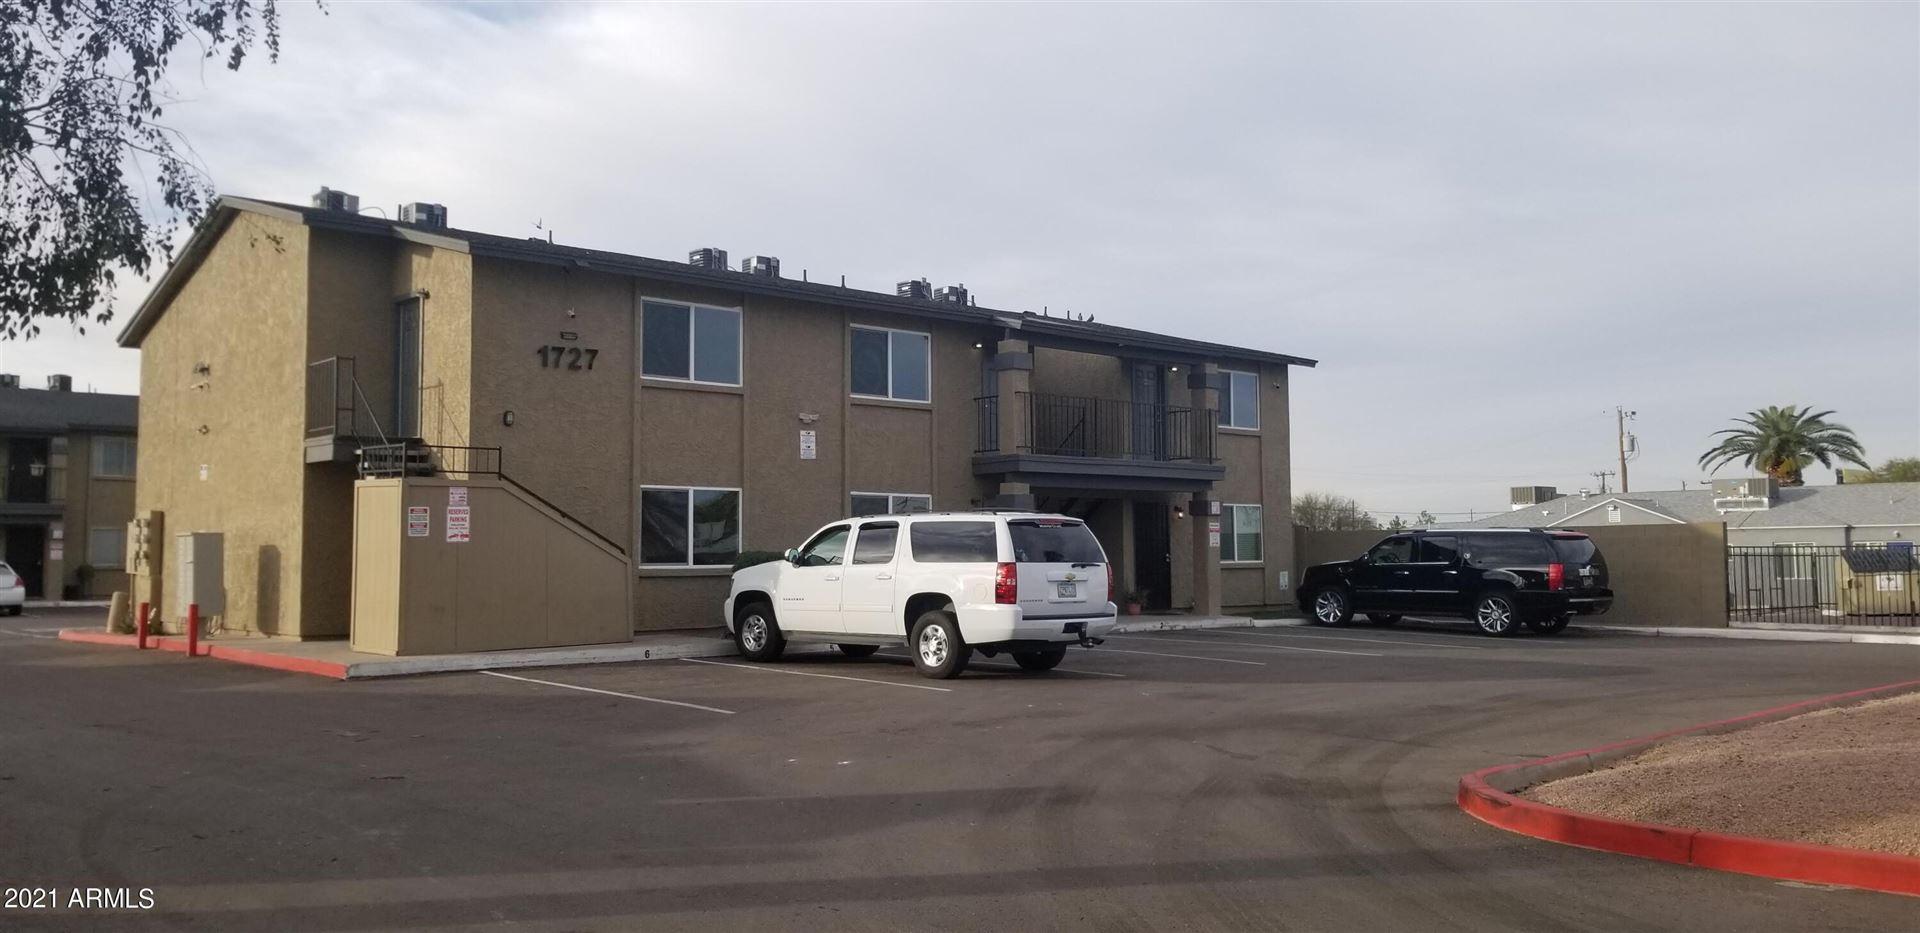 1727 W MOUNTAIN VIEW Road, Phoenix, AZ 85021 - MLS#: 6224390